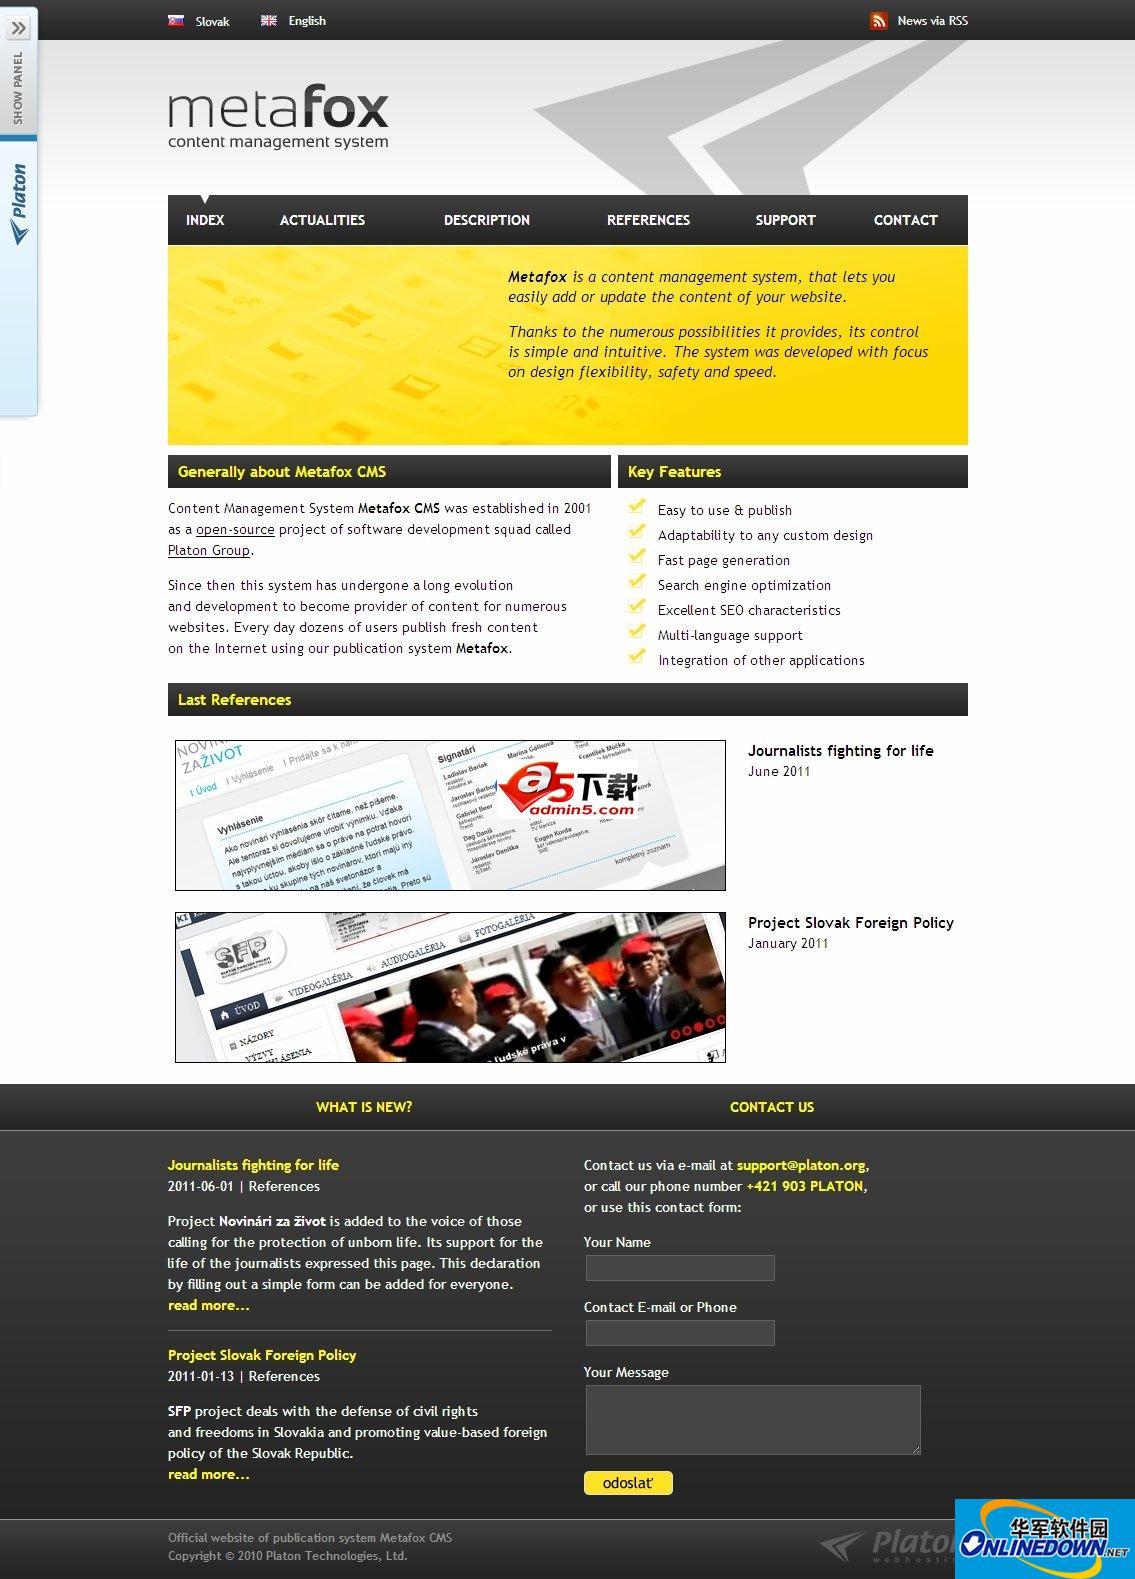 Metafox企业内容管理系统